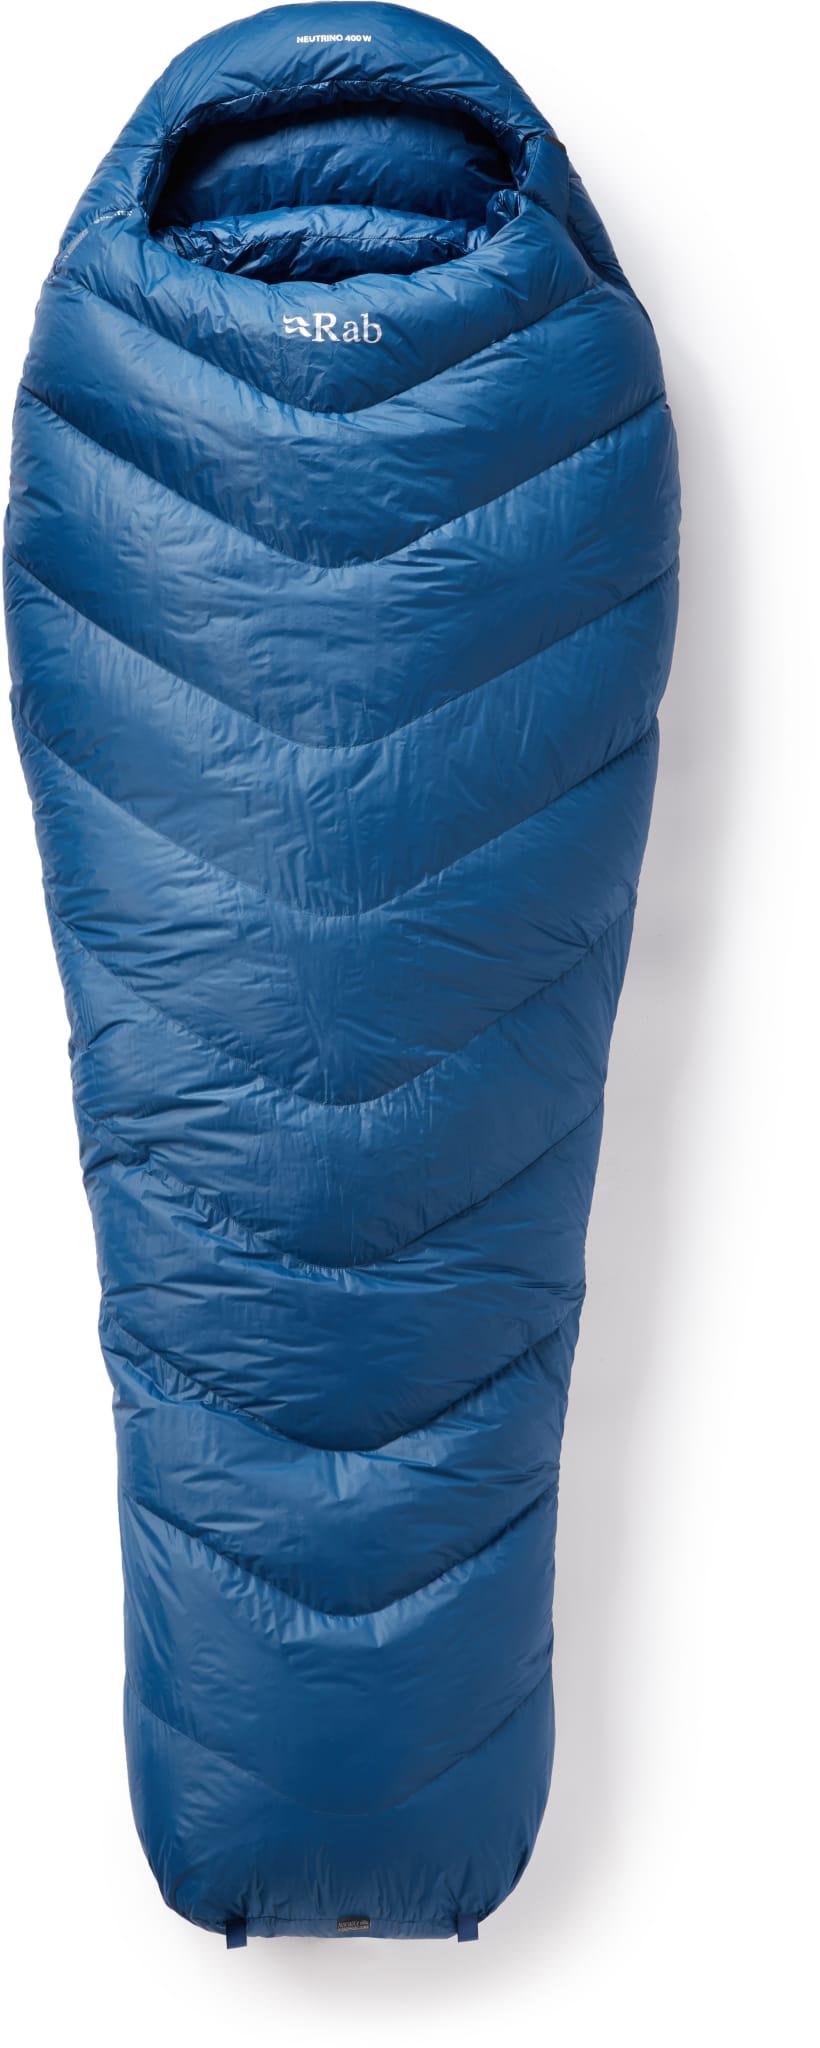 Svært lett sovepose til vår, sommer og høst med 800 FP andedun